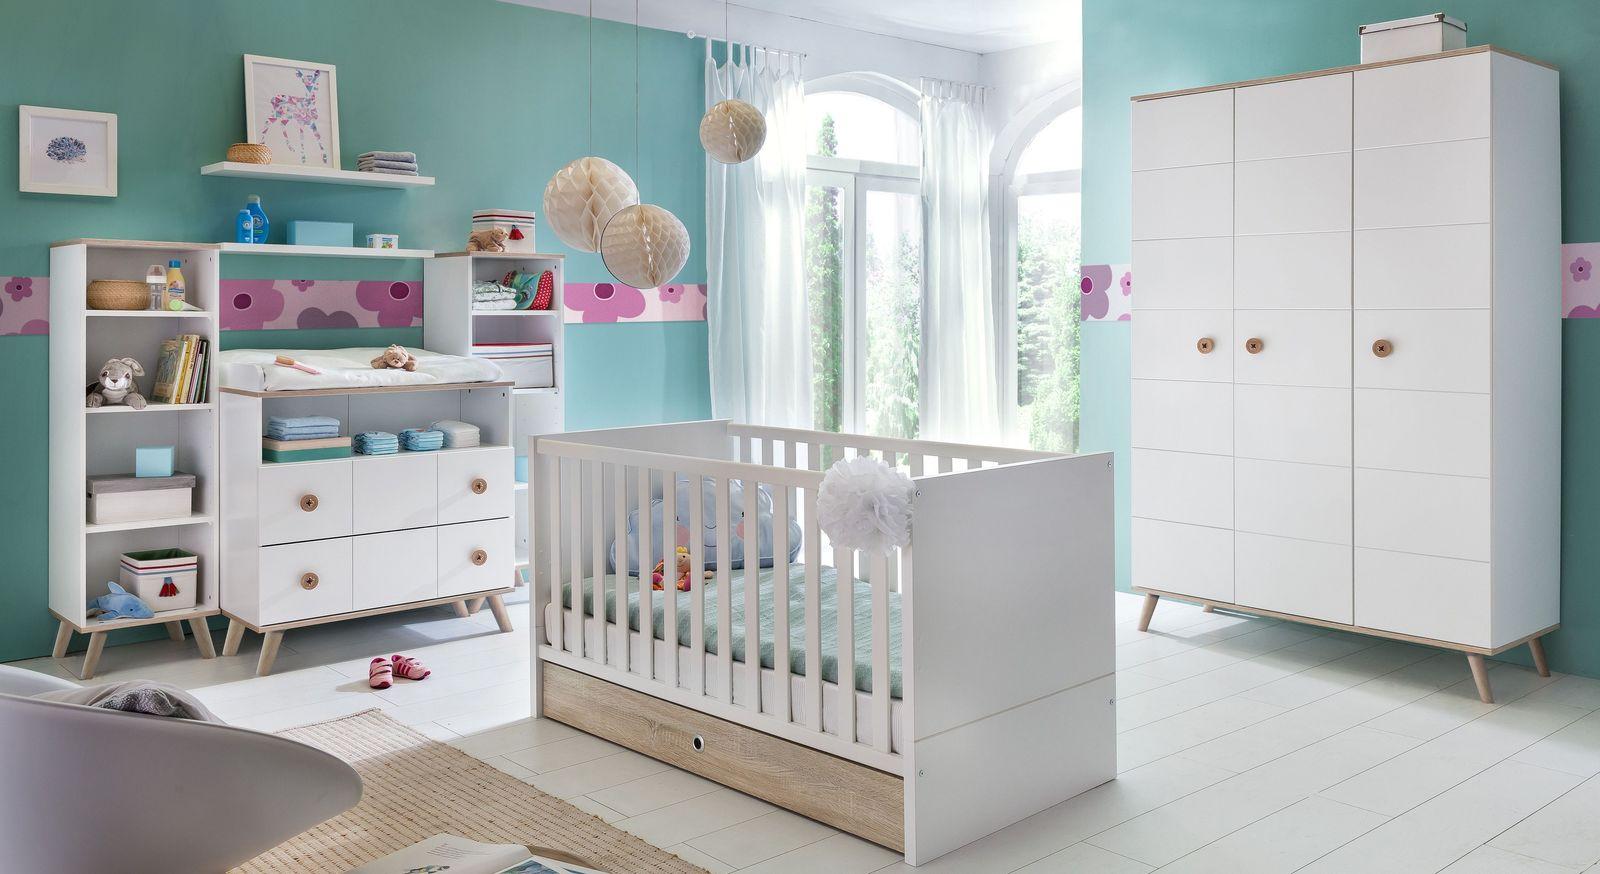 Komplett-Babyzimmer Beano in zeitlosem Design